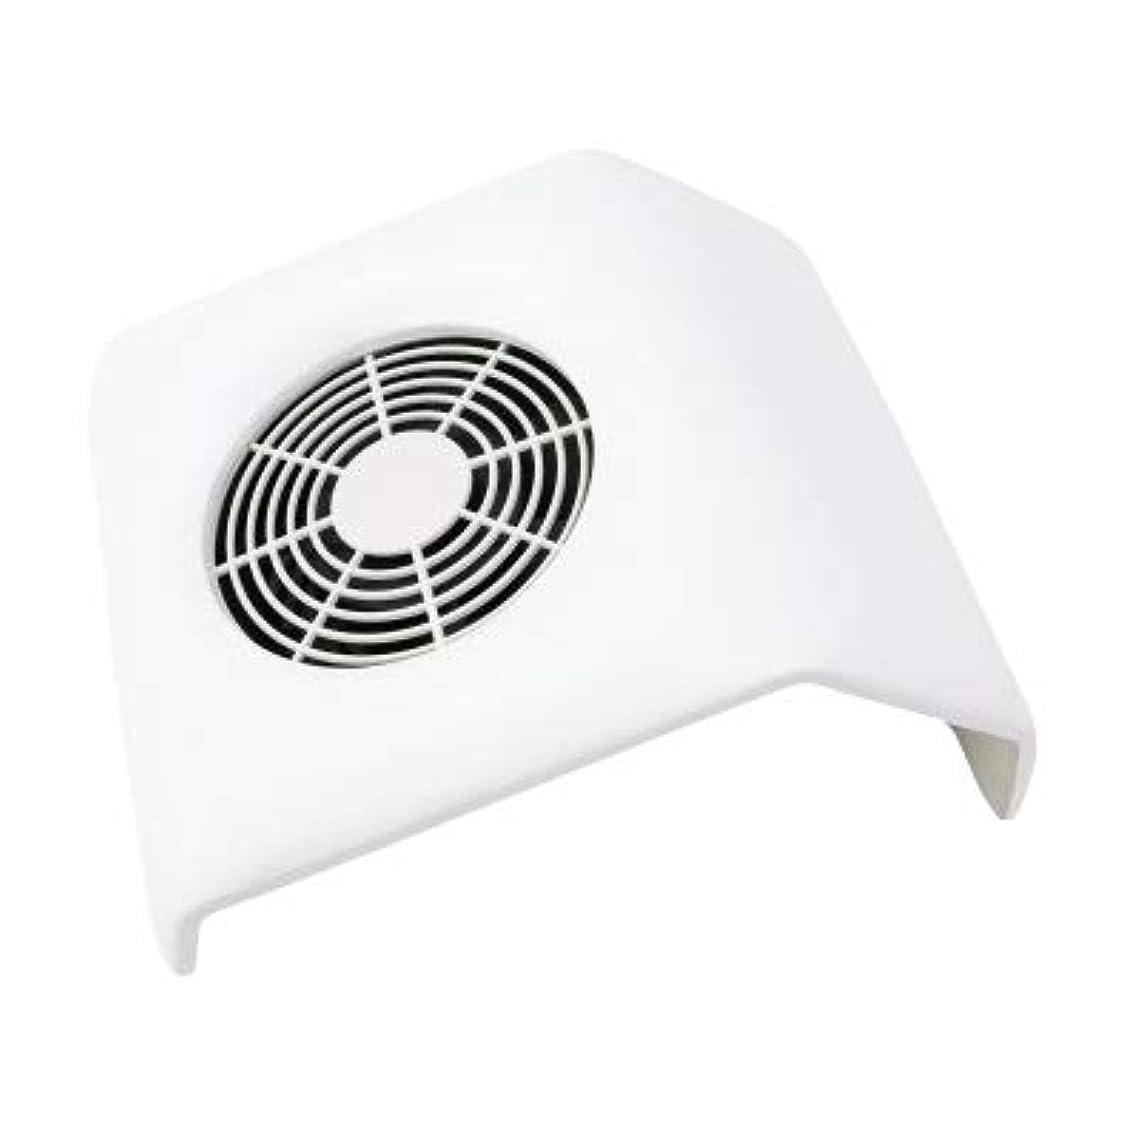 王族ポケット接尾辞集塵機 コンパクトタイプ ネイルダストクリーナー Compact Nail Dust Cleaner バッグ付き ネイルオフ ダストコレクター (ホワイト)